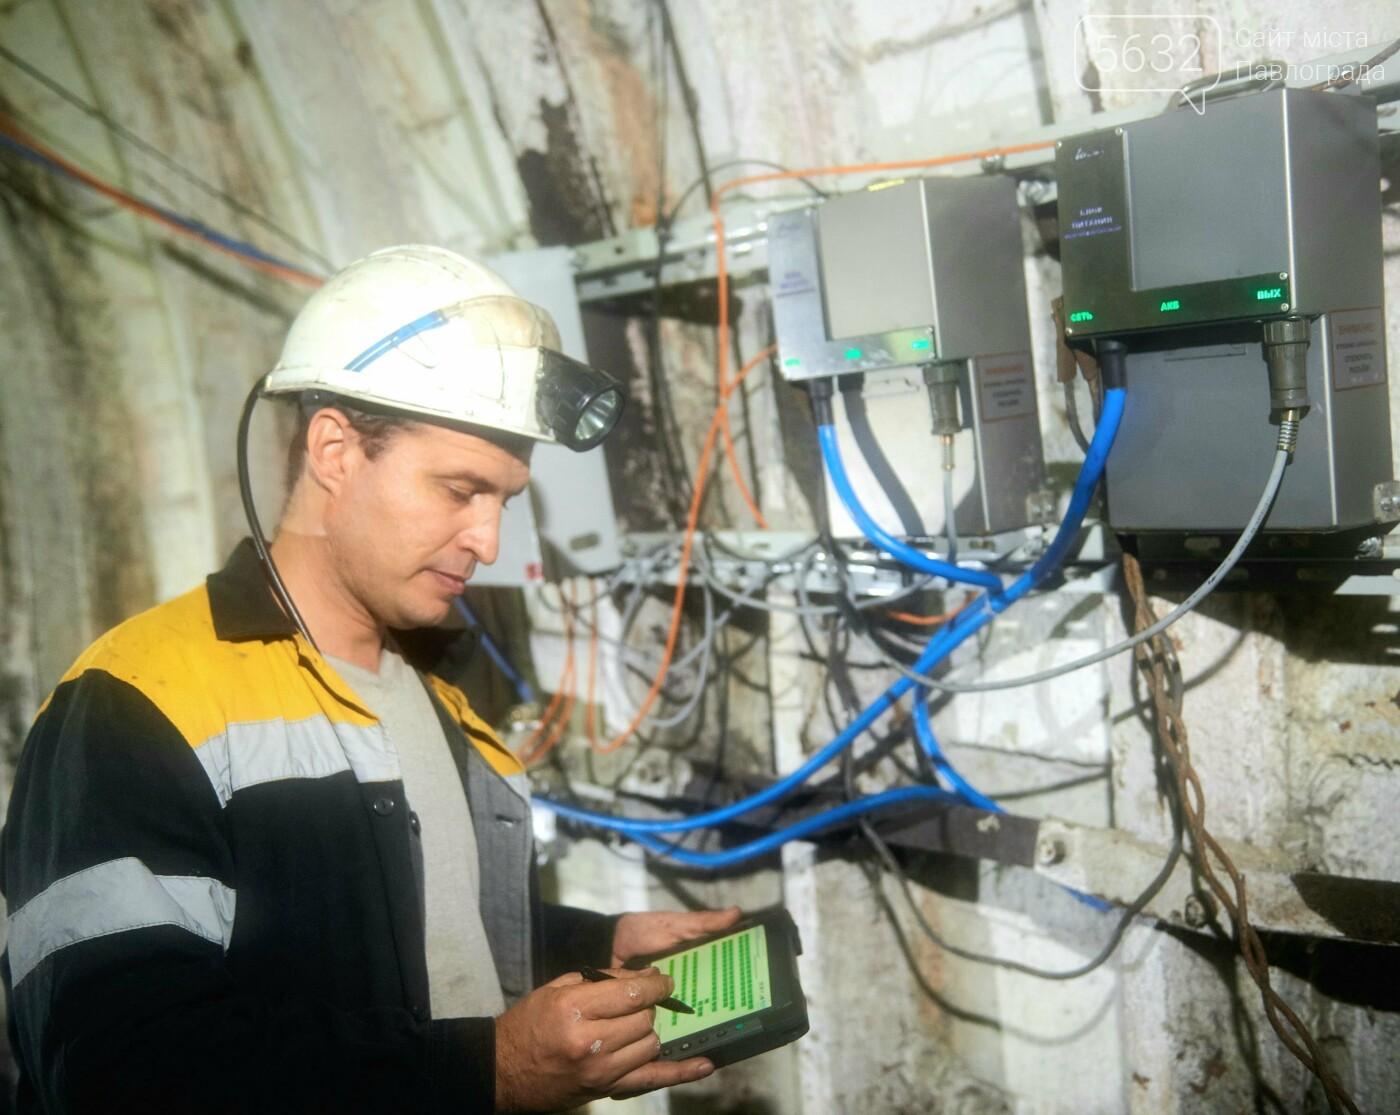 Самая глубокая Wi-Fi-сеть в стране, расположенная на шахте «Юбилейная», отметила первую годовщину, фото-1